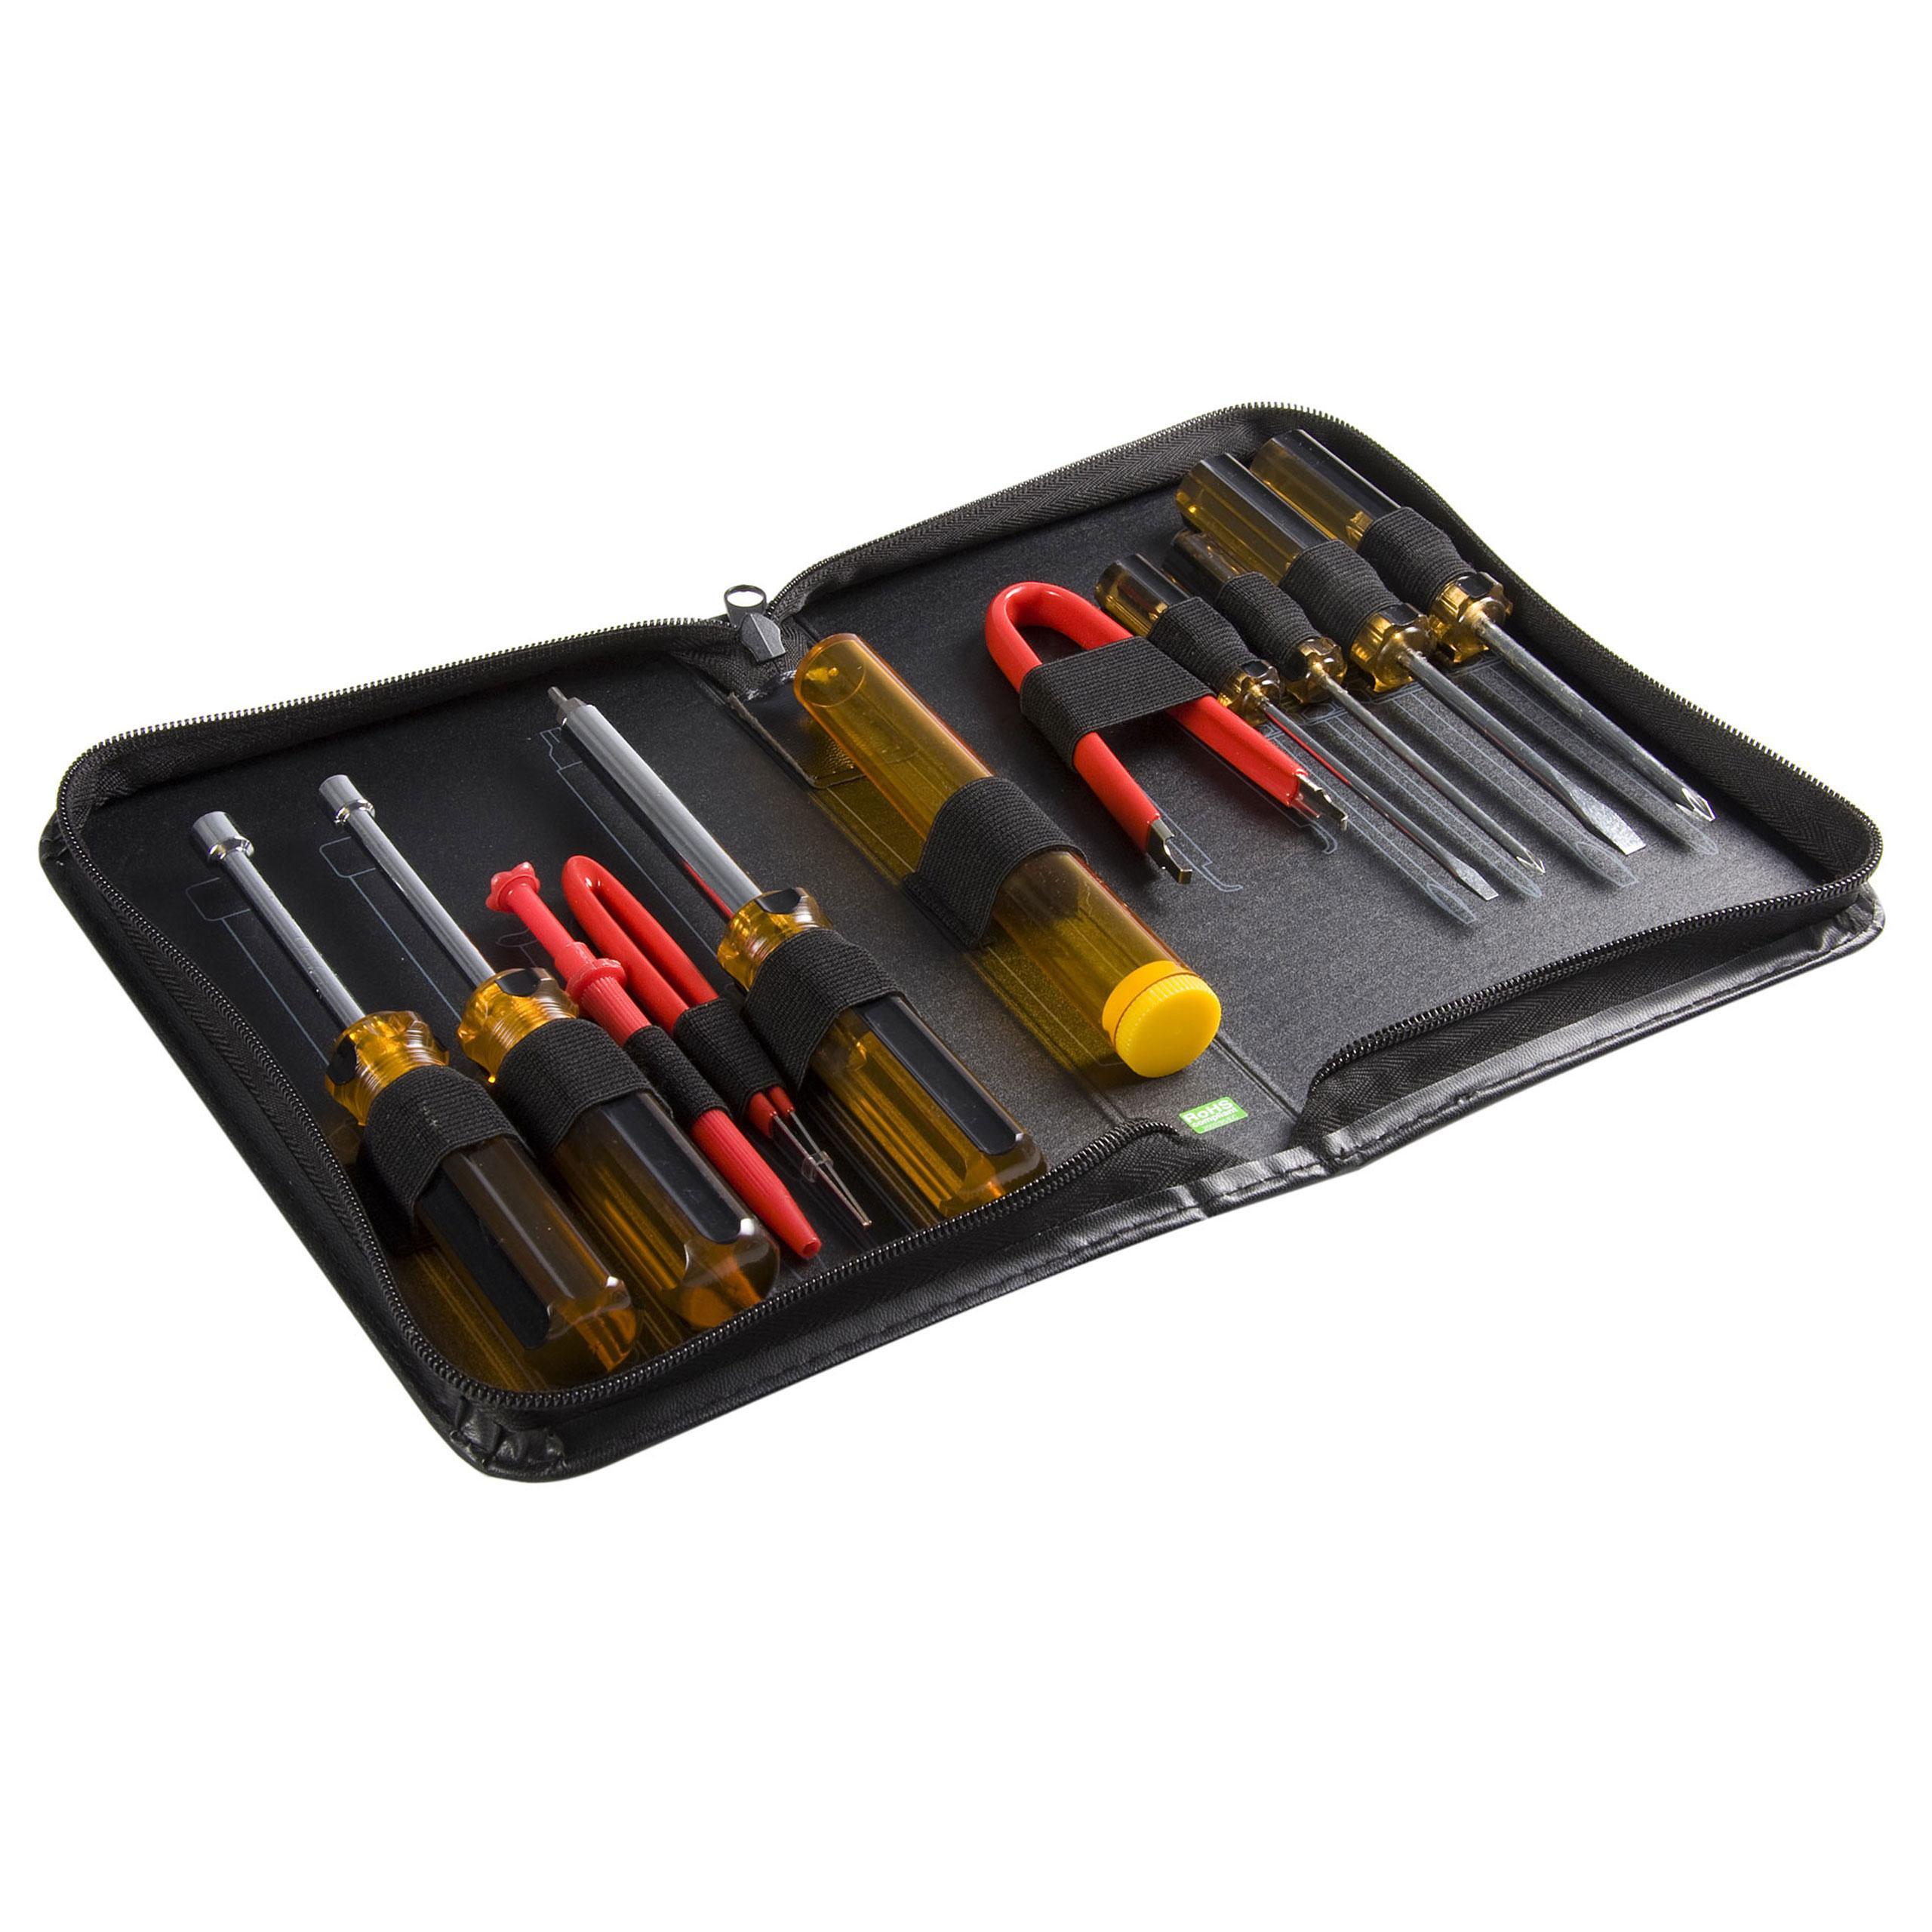 kit de 11 outils pour ordinateurs trousse outils pc informatique. Black Bedroom Furniture Sets. Home Design Ideas